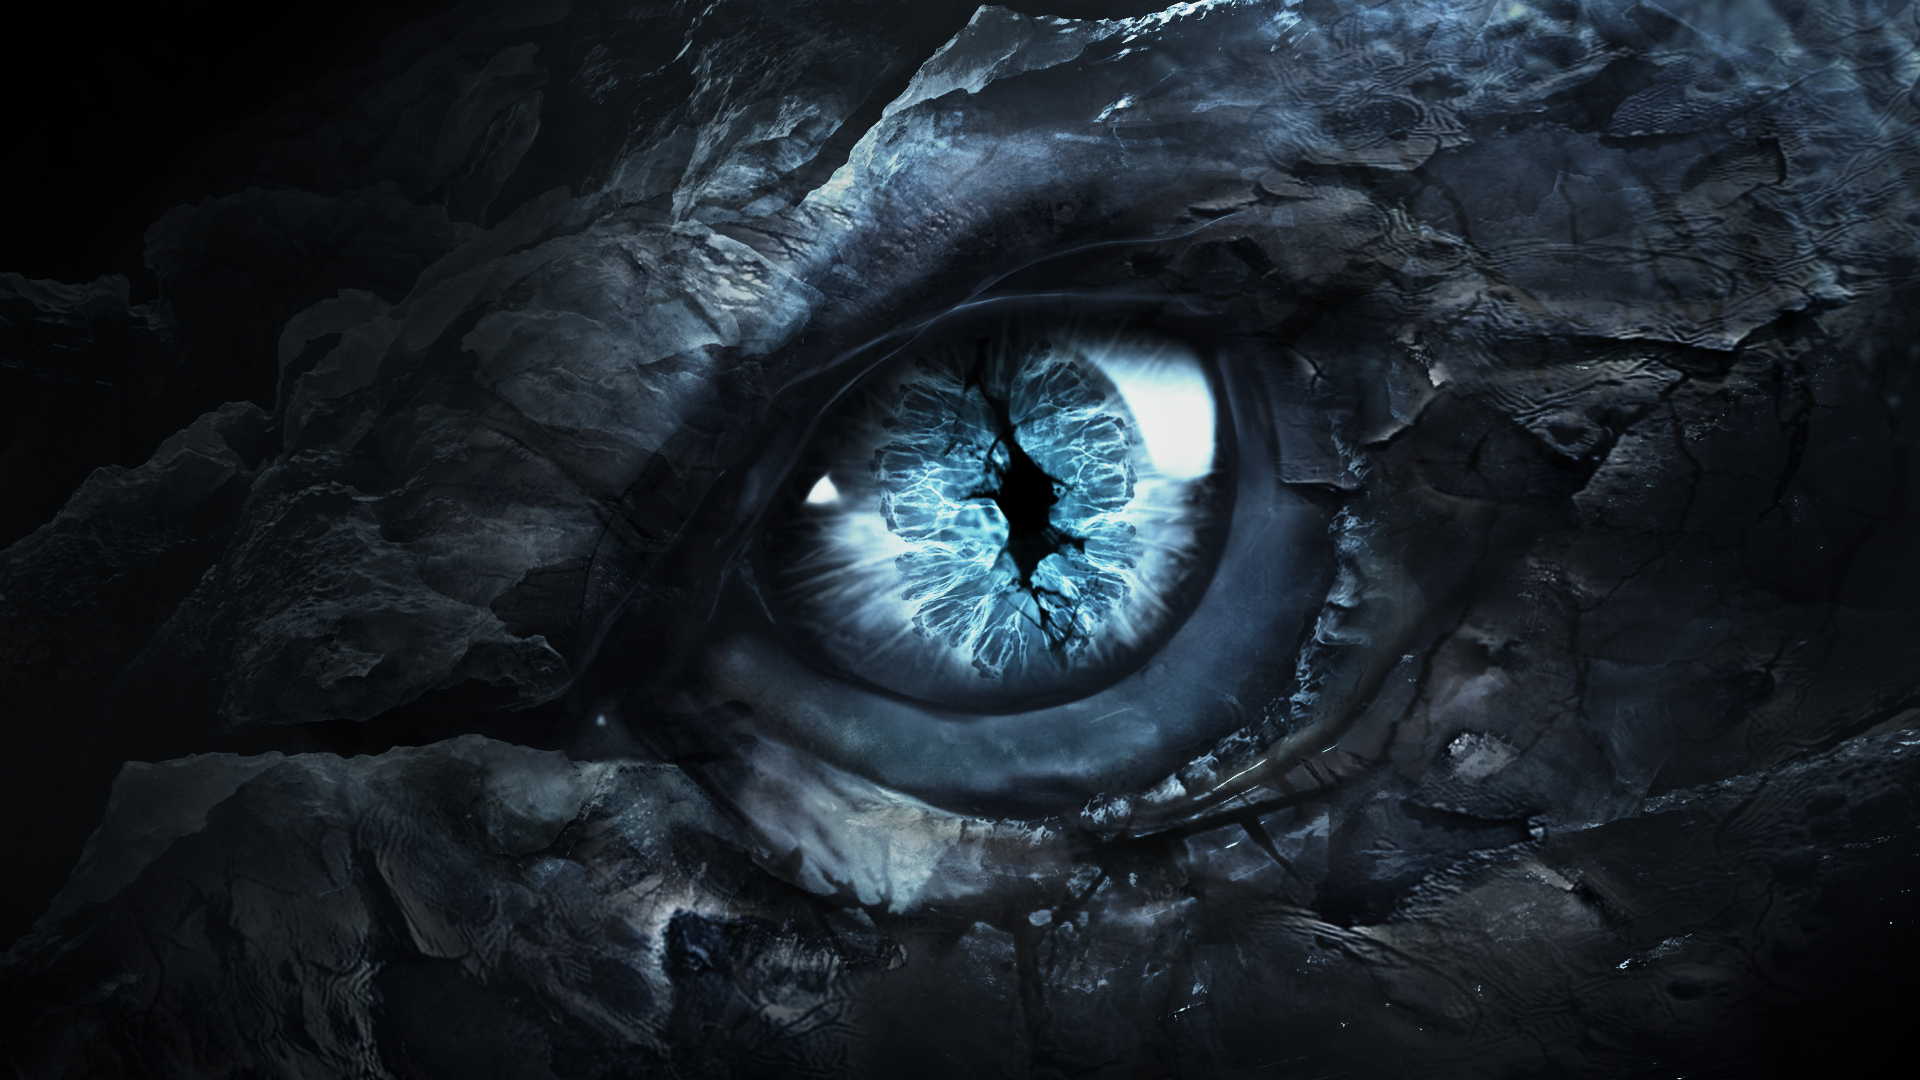 Dragonface_dark_jag_ver01B.jpg